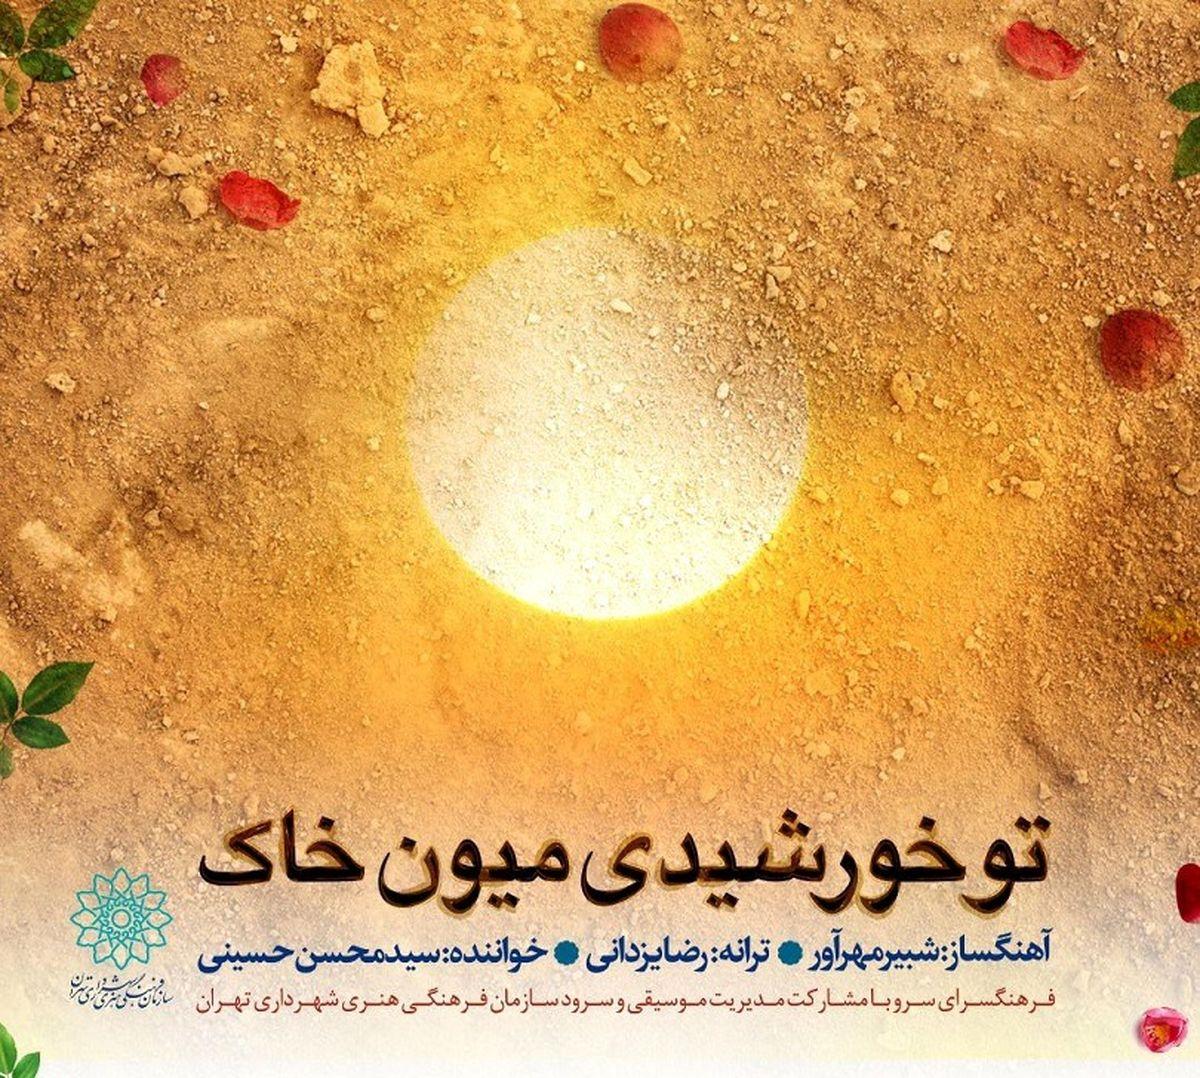 انتشار ویدئوکلیپ «تو خورشیدی میون خاک» همزمان با هفته عفاف و حجاب